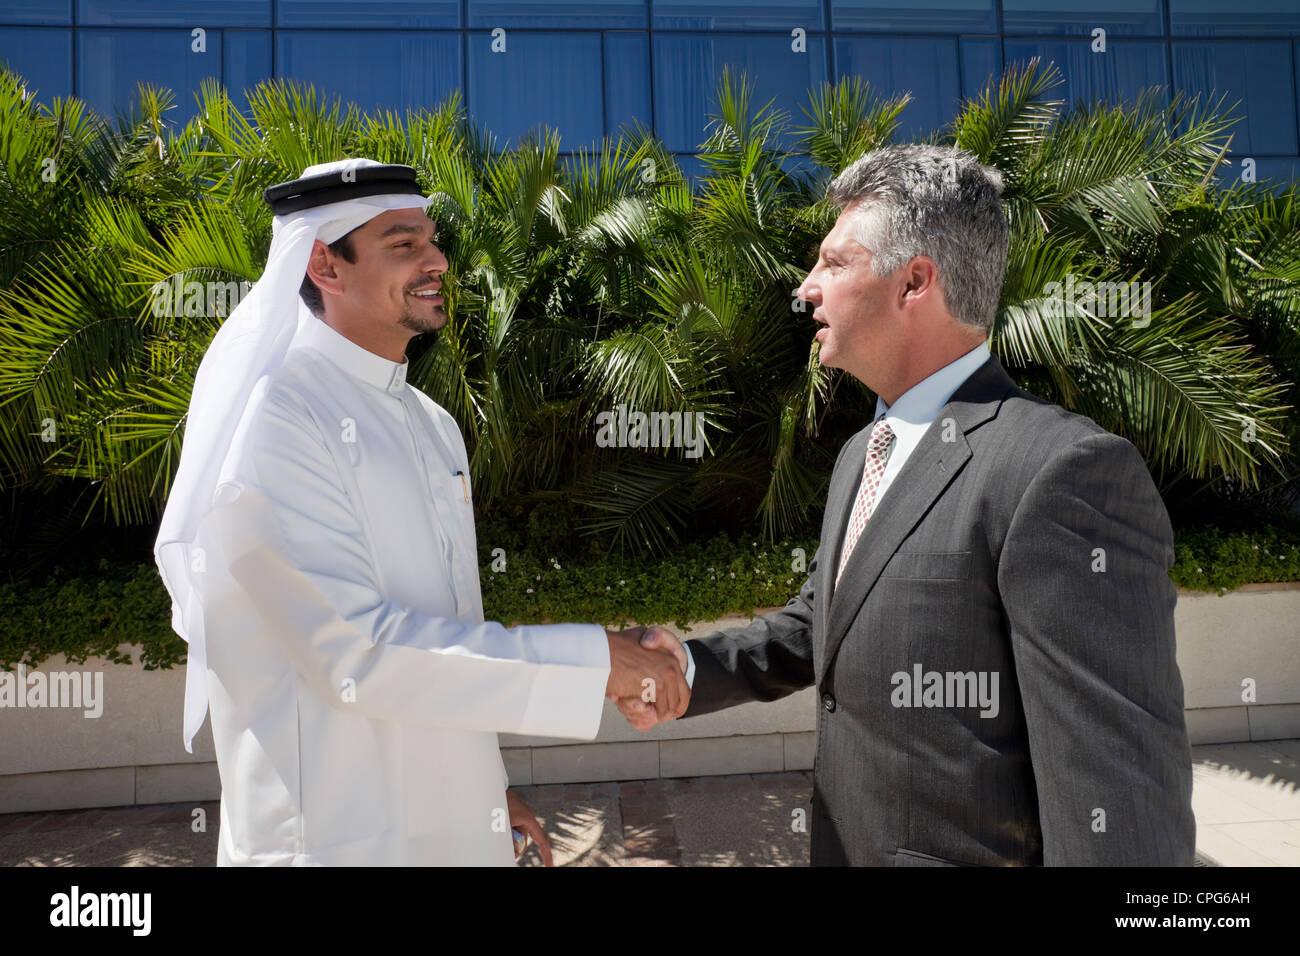 El empresario árabe y occidental de empresario agitar las manos delante del edificio de oficinas. Imagen De Stock